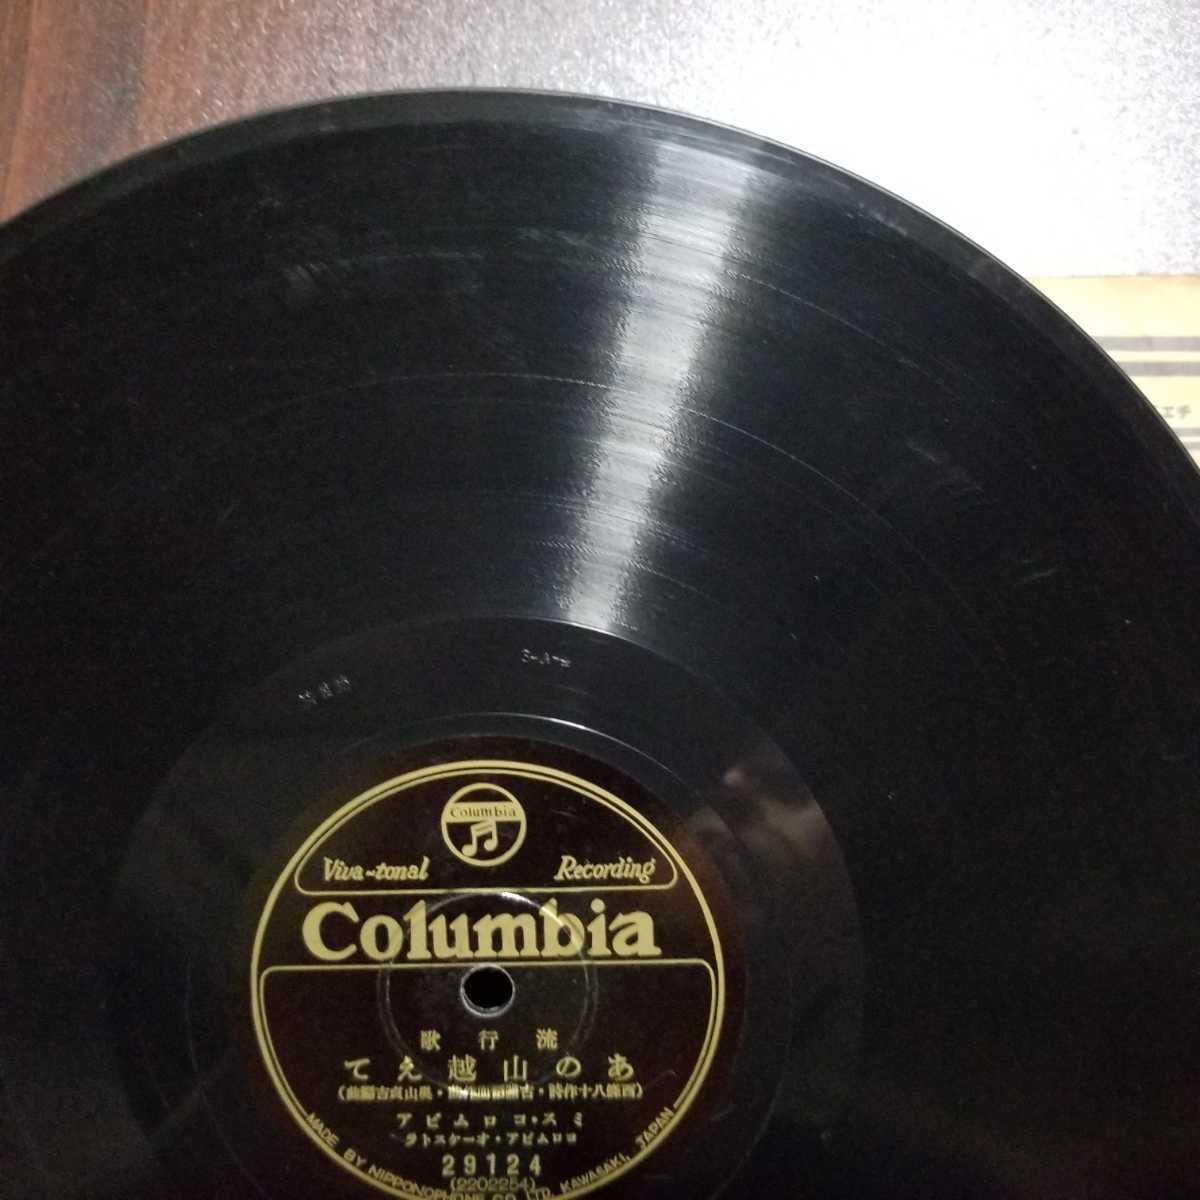 流行歌 輝く春 松平晃 ※ あの山越えて ミス・コロムビア 蓄音機SPレコード盤10インチ(25cm) (16_画像3